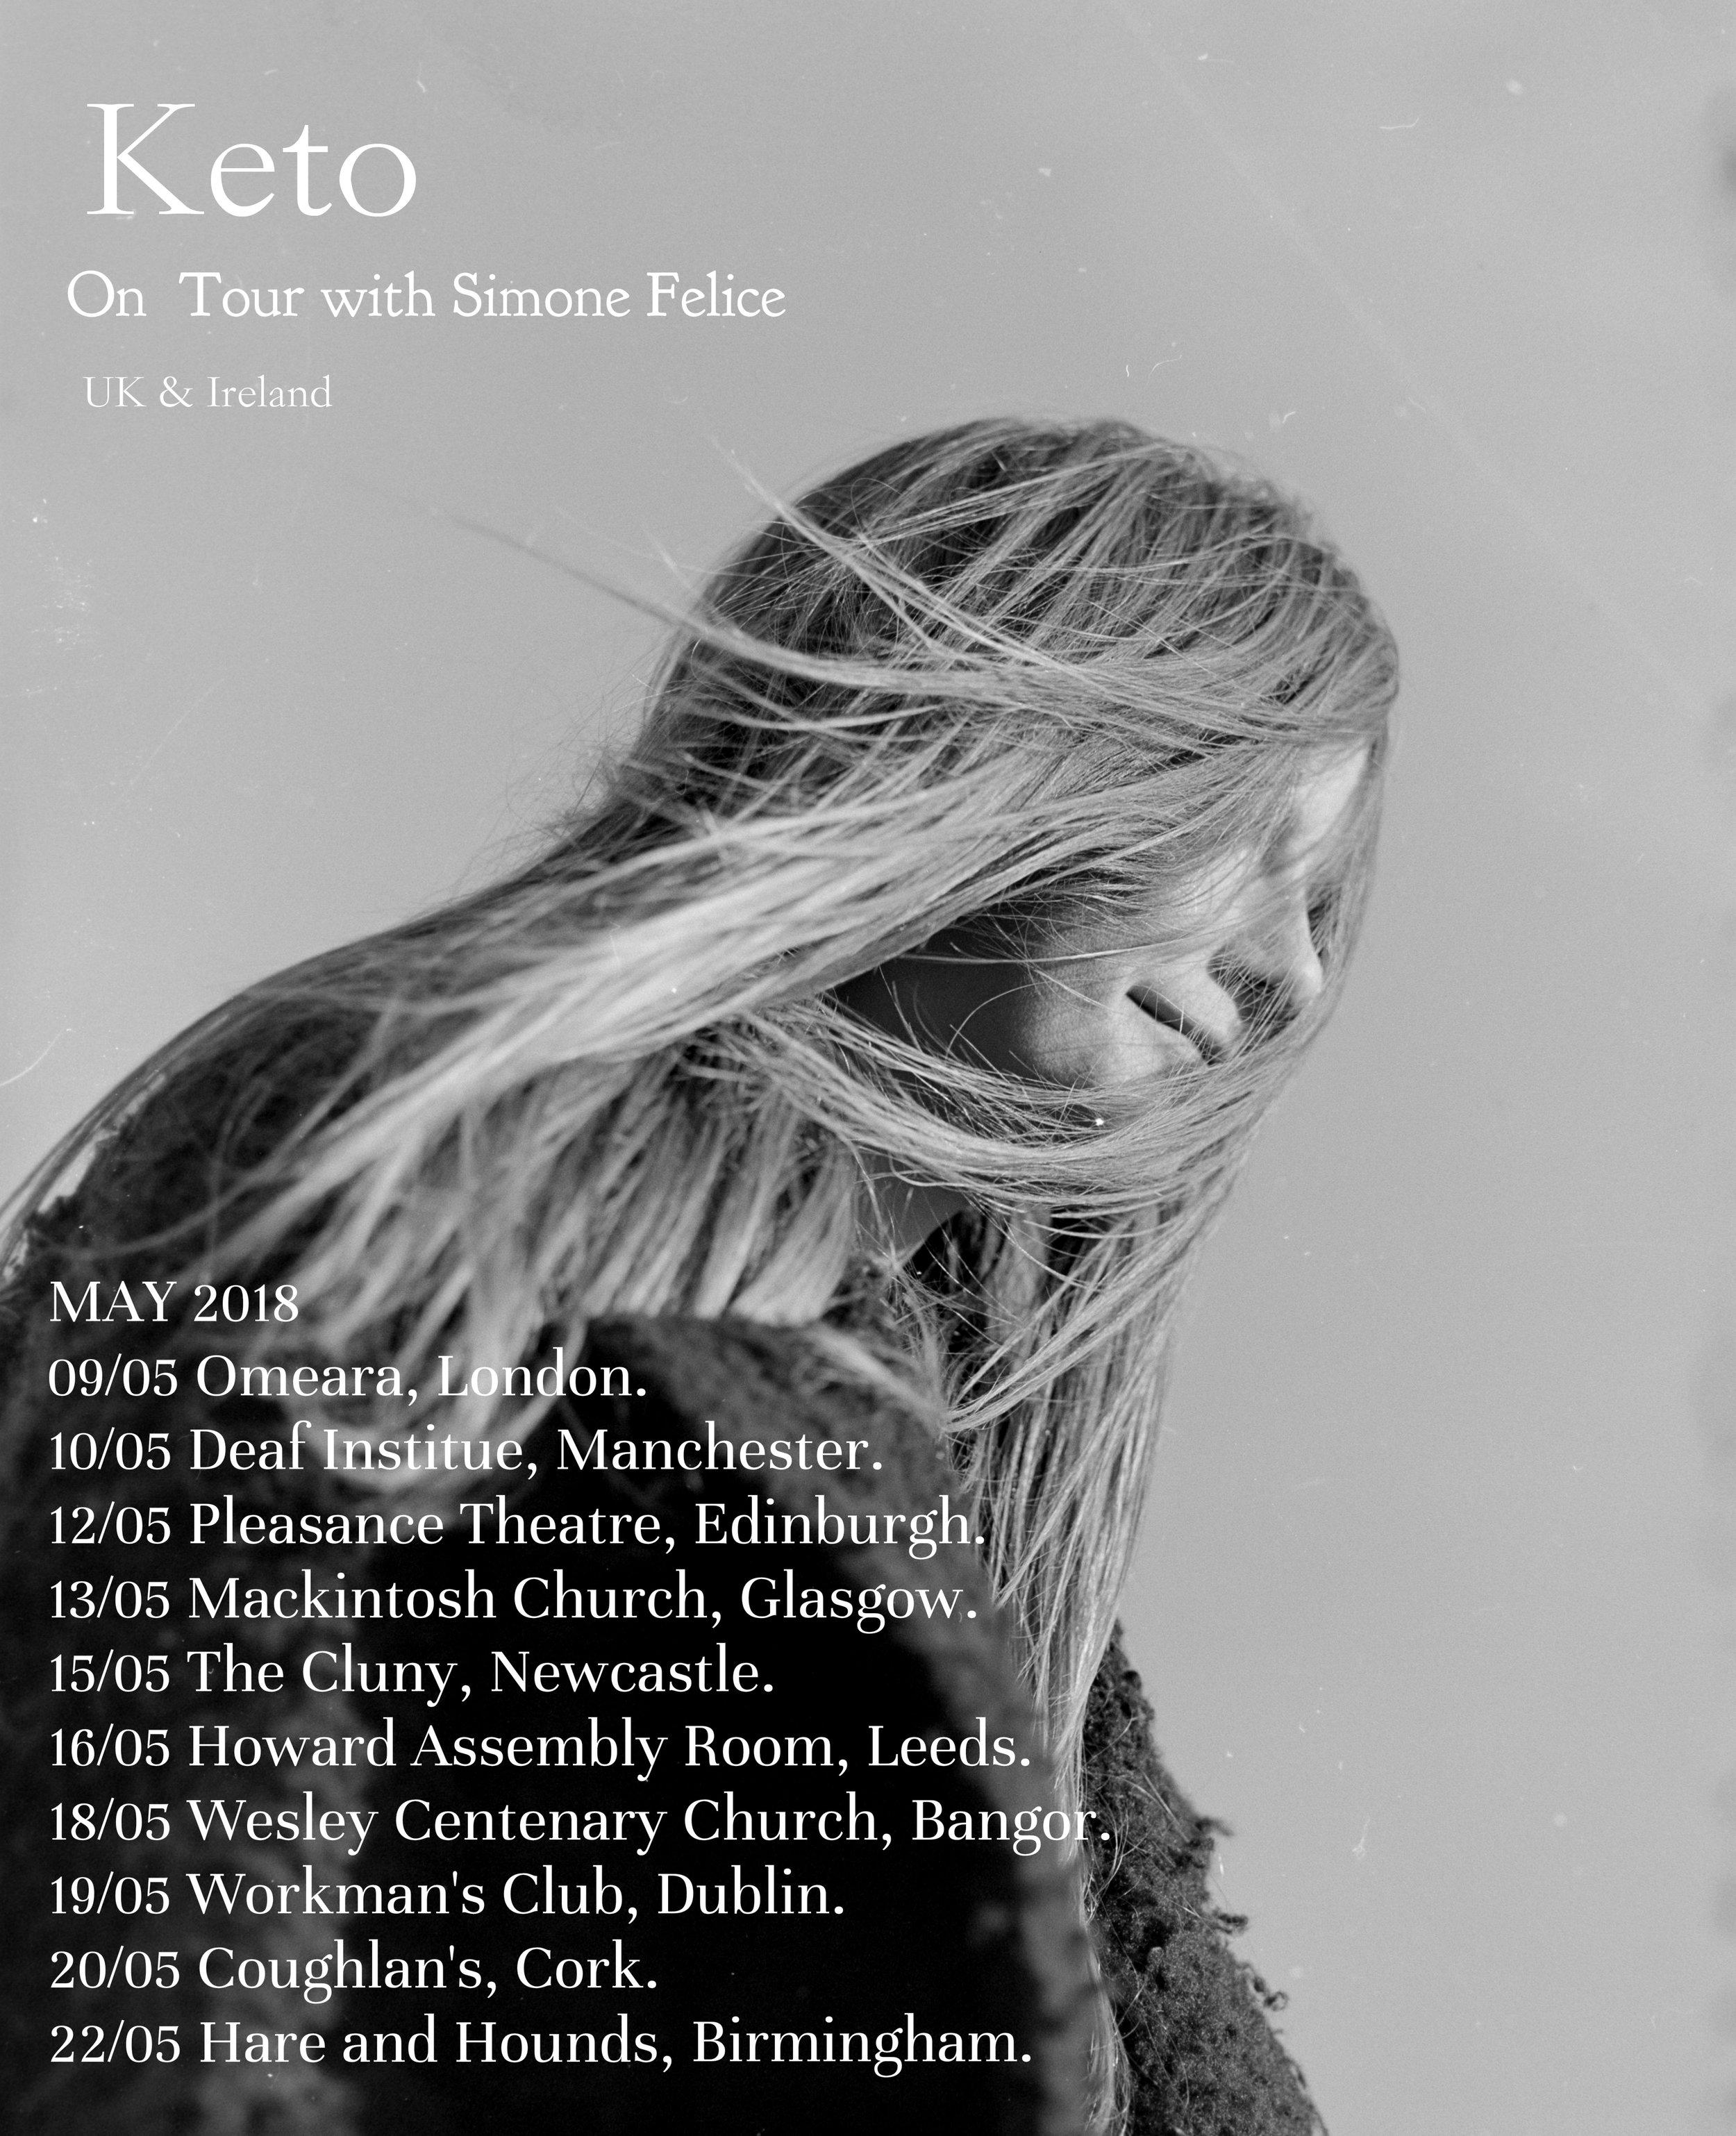 SF tour keto poster.jpg